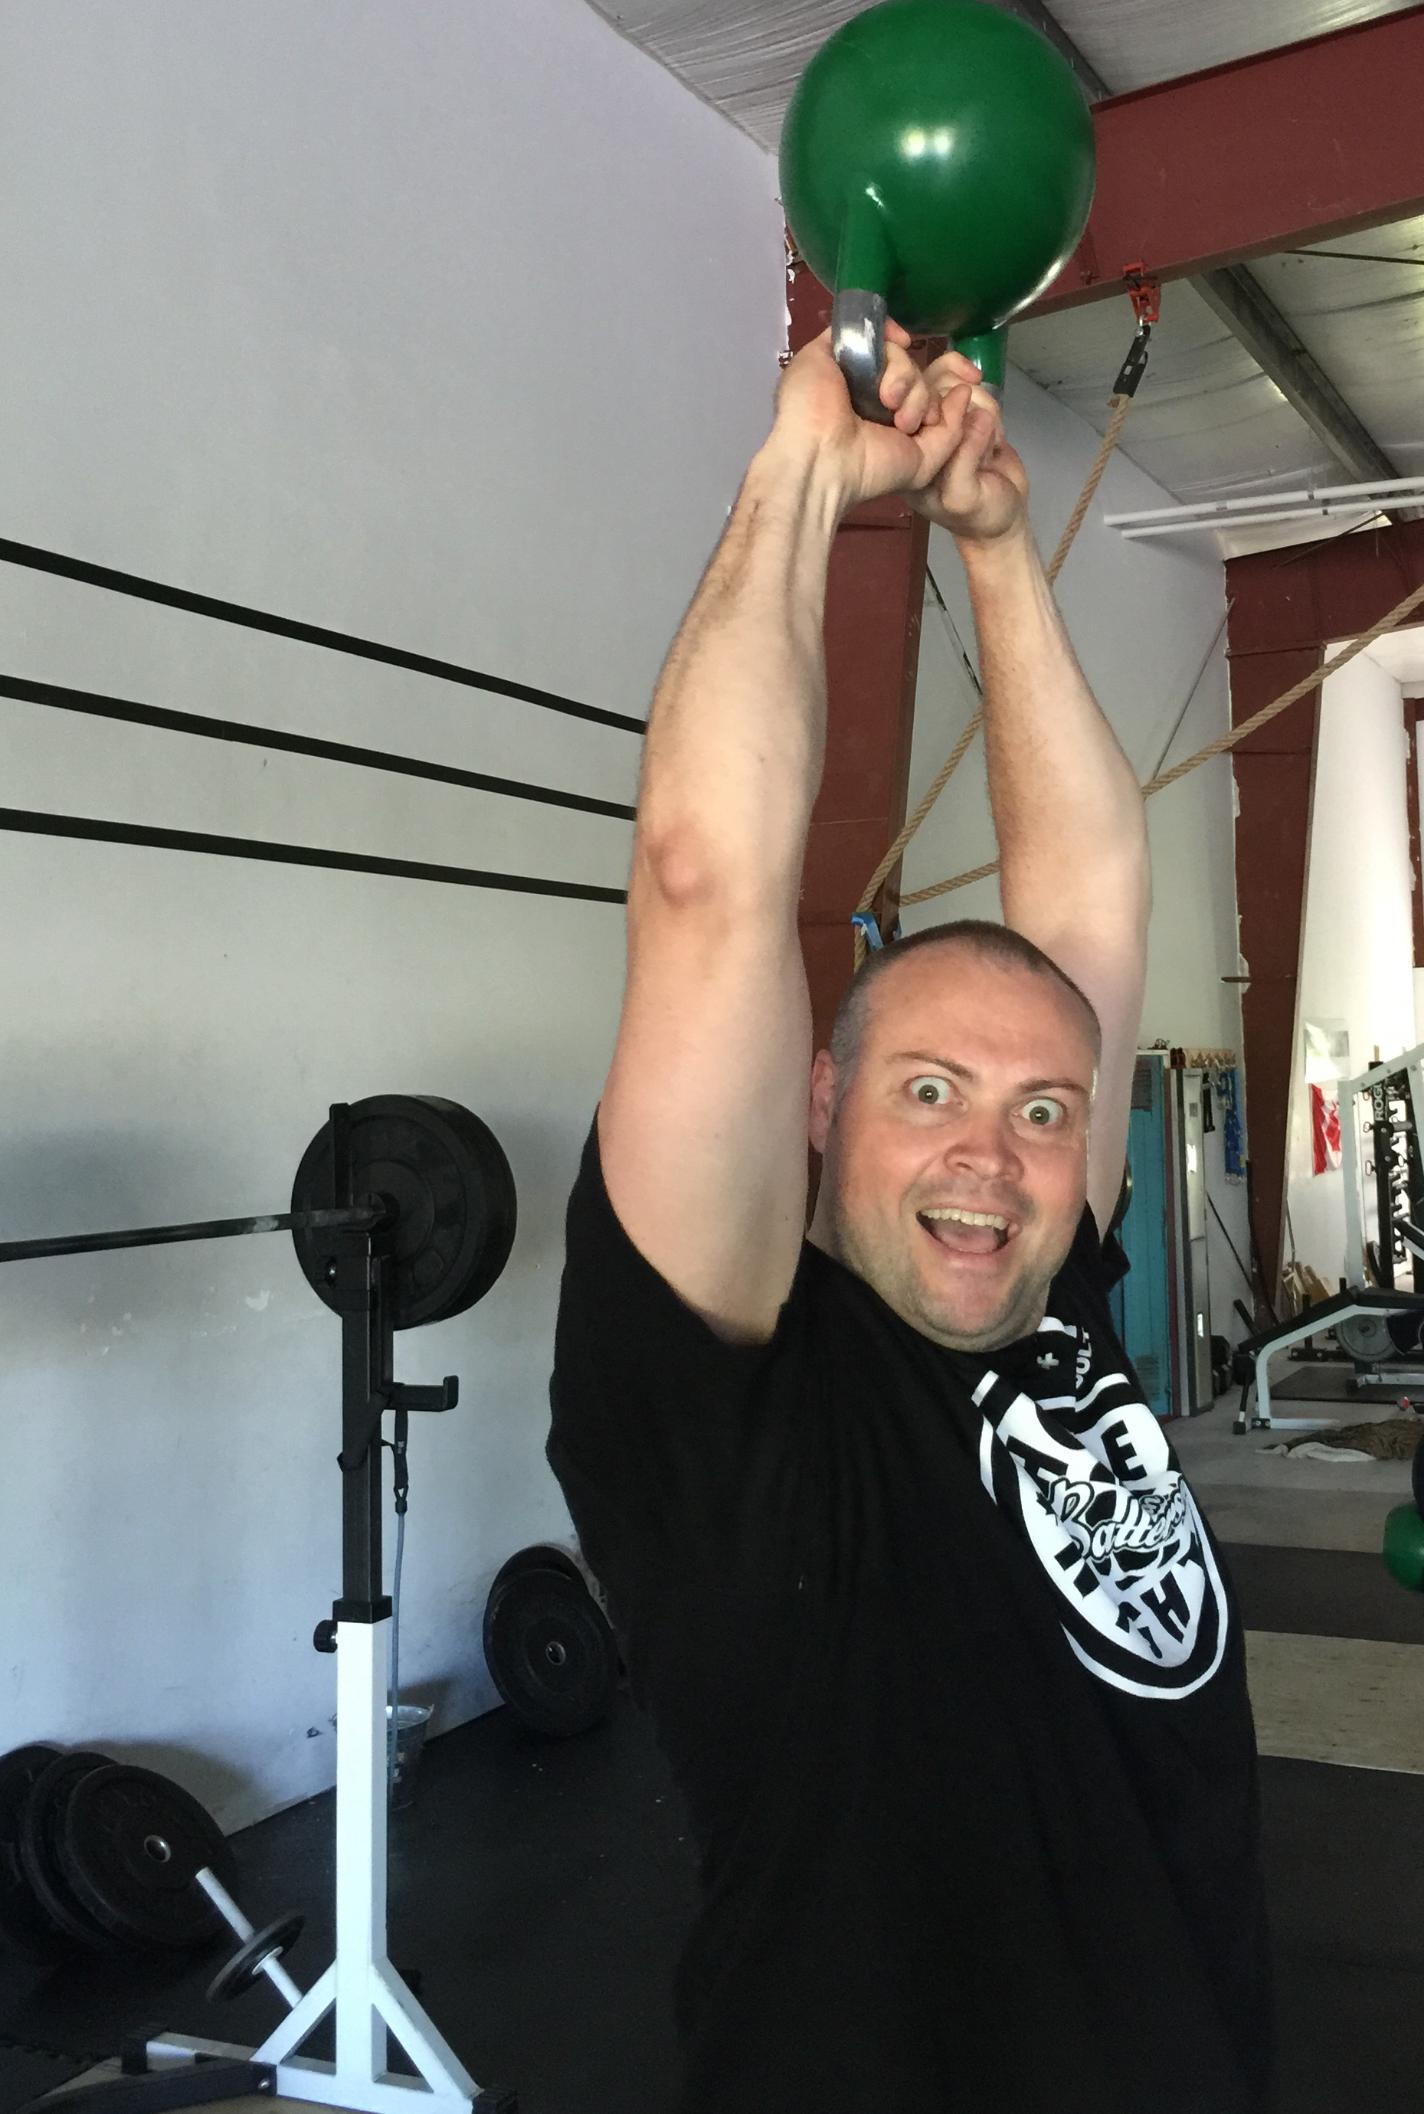 gym-fitness-training-kingston-craig-kettlebell swing